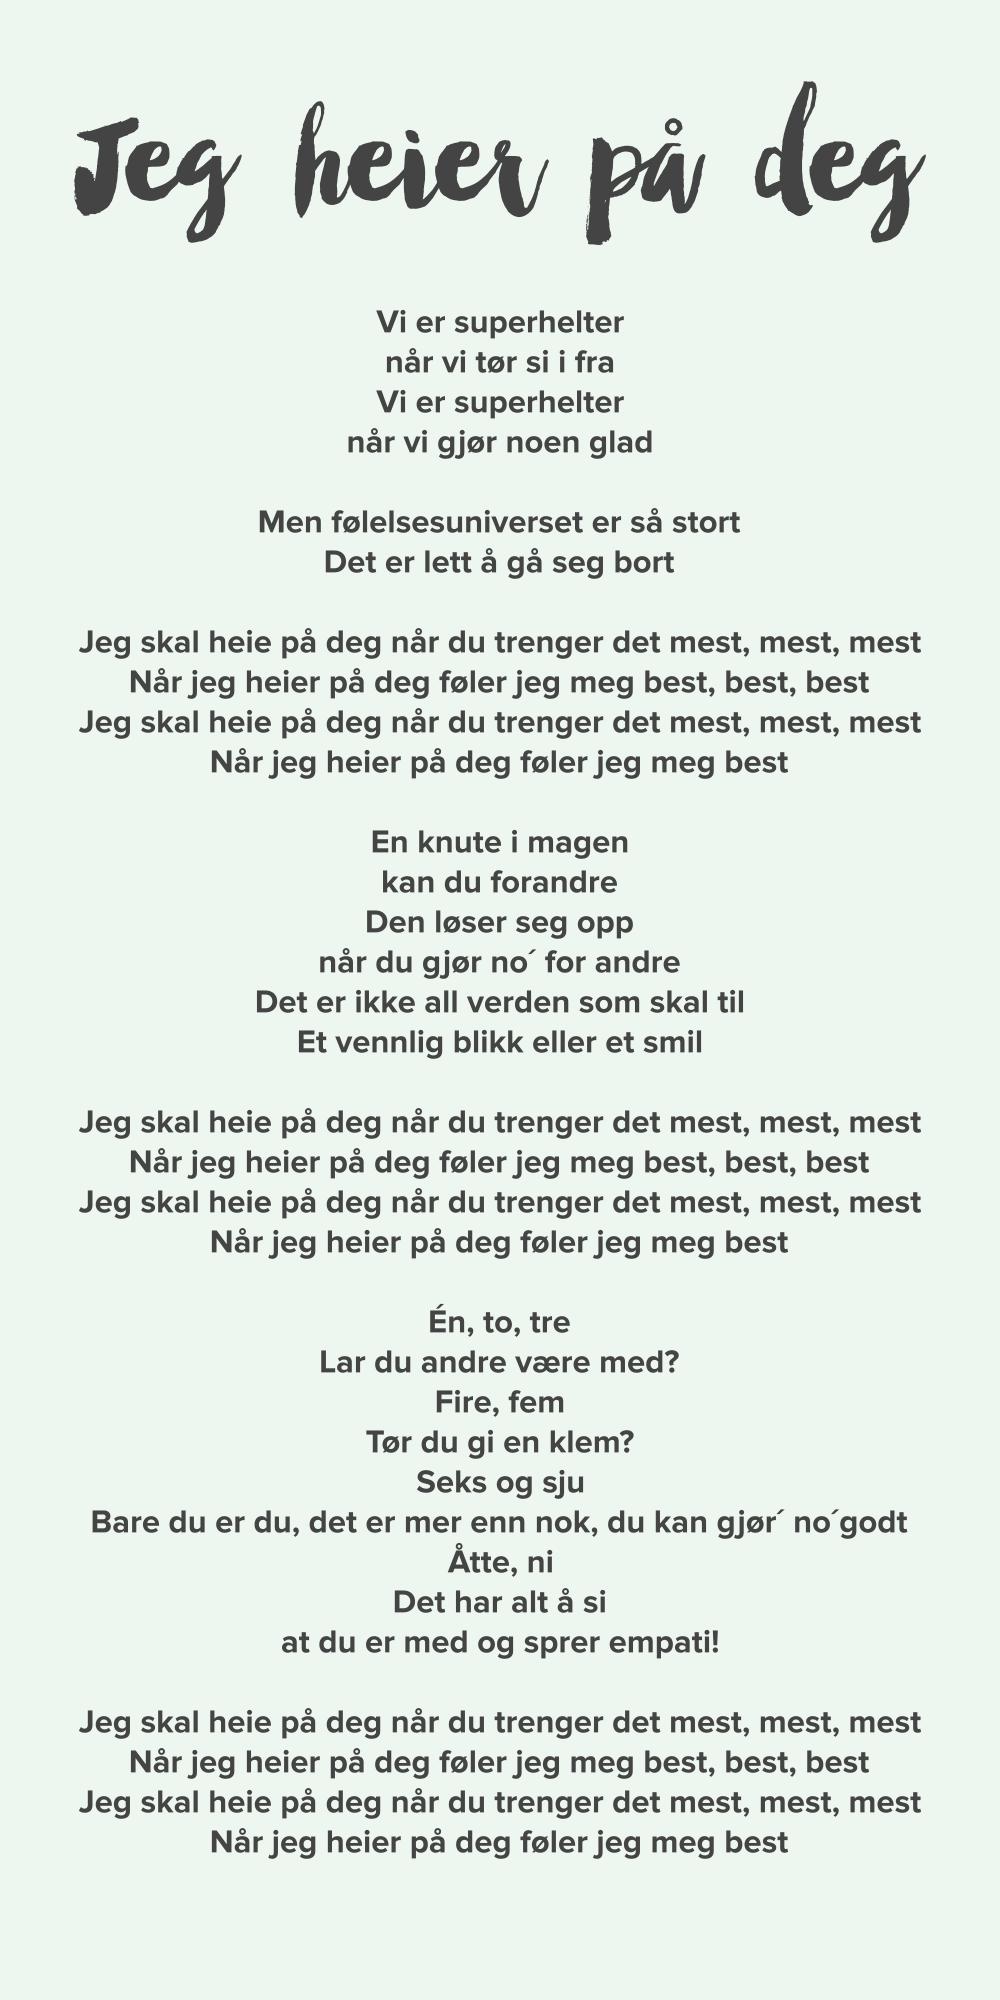 jegheierpådeg_tekst.png